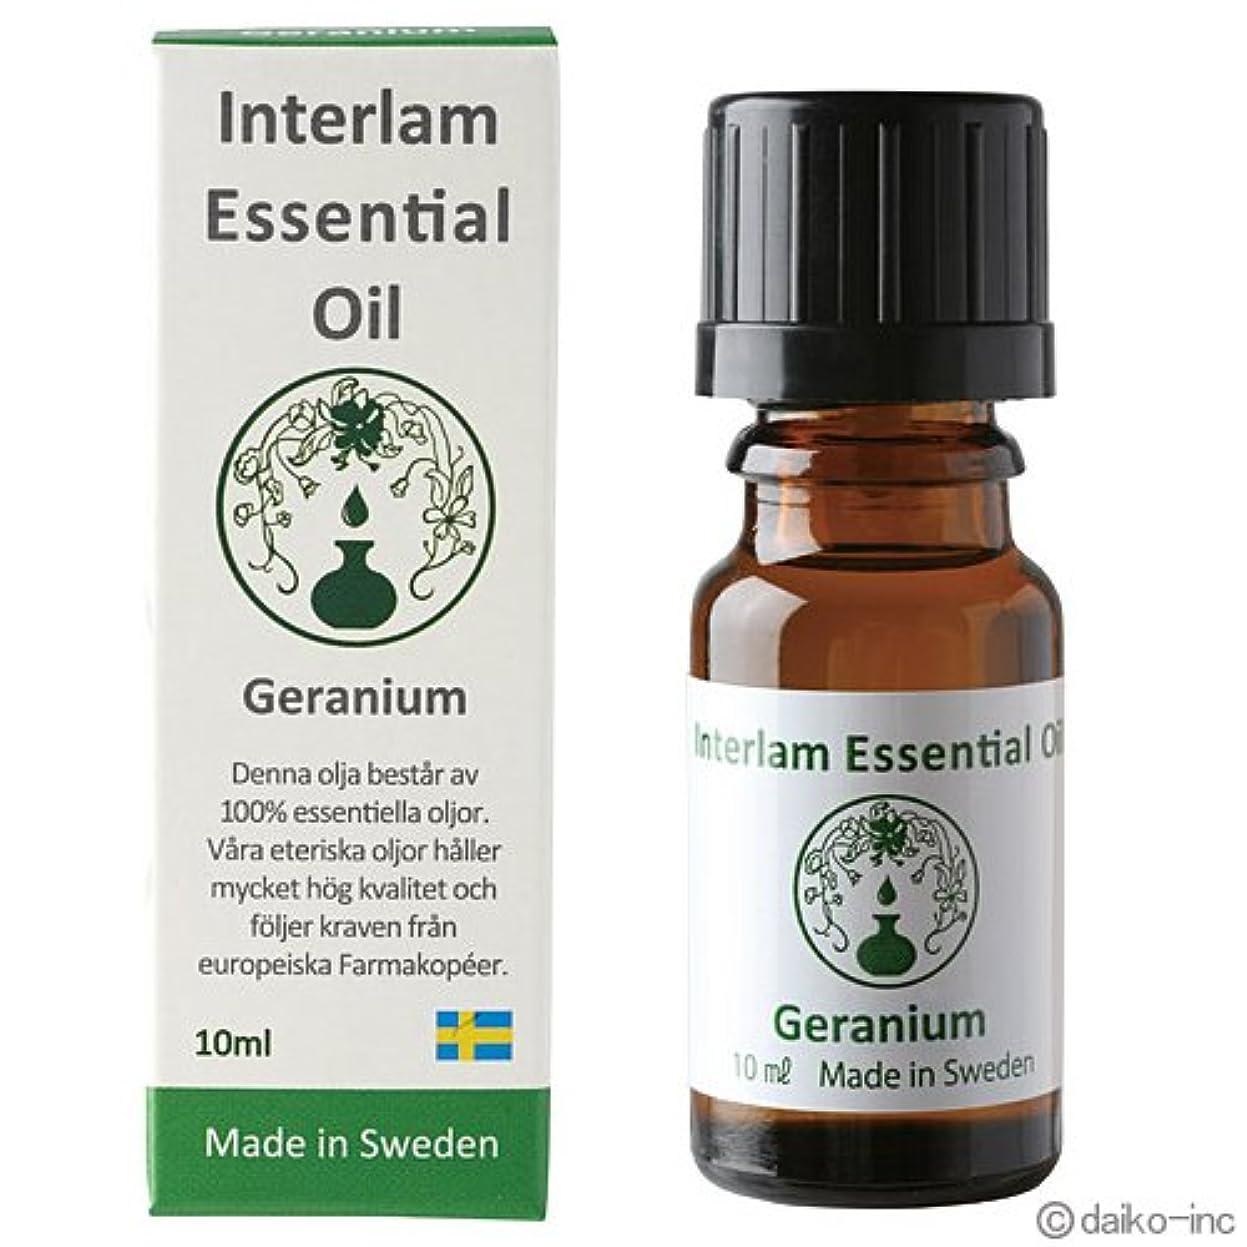 パウダー従順な子猫Interlam Essential Oil ゼラニウム 10ml